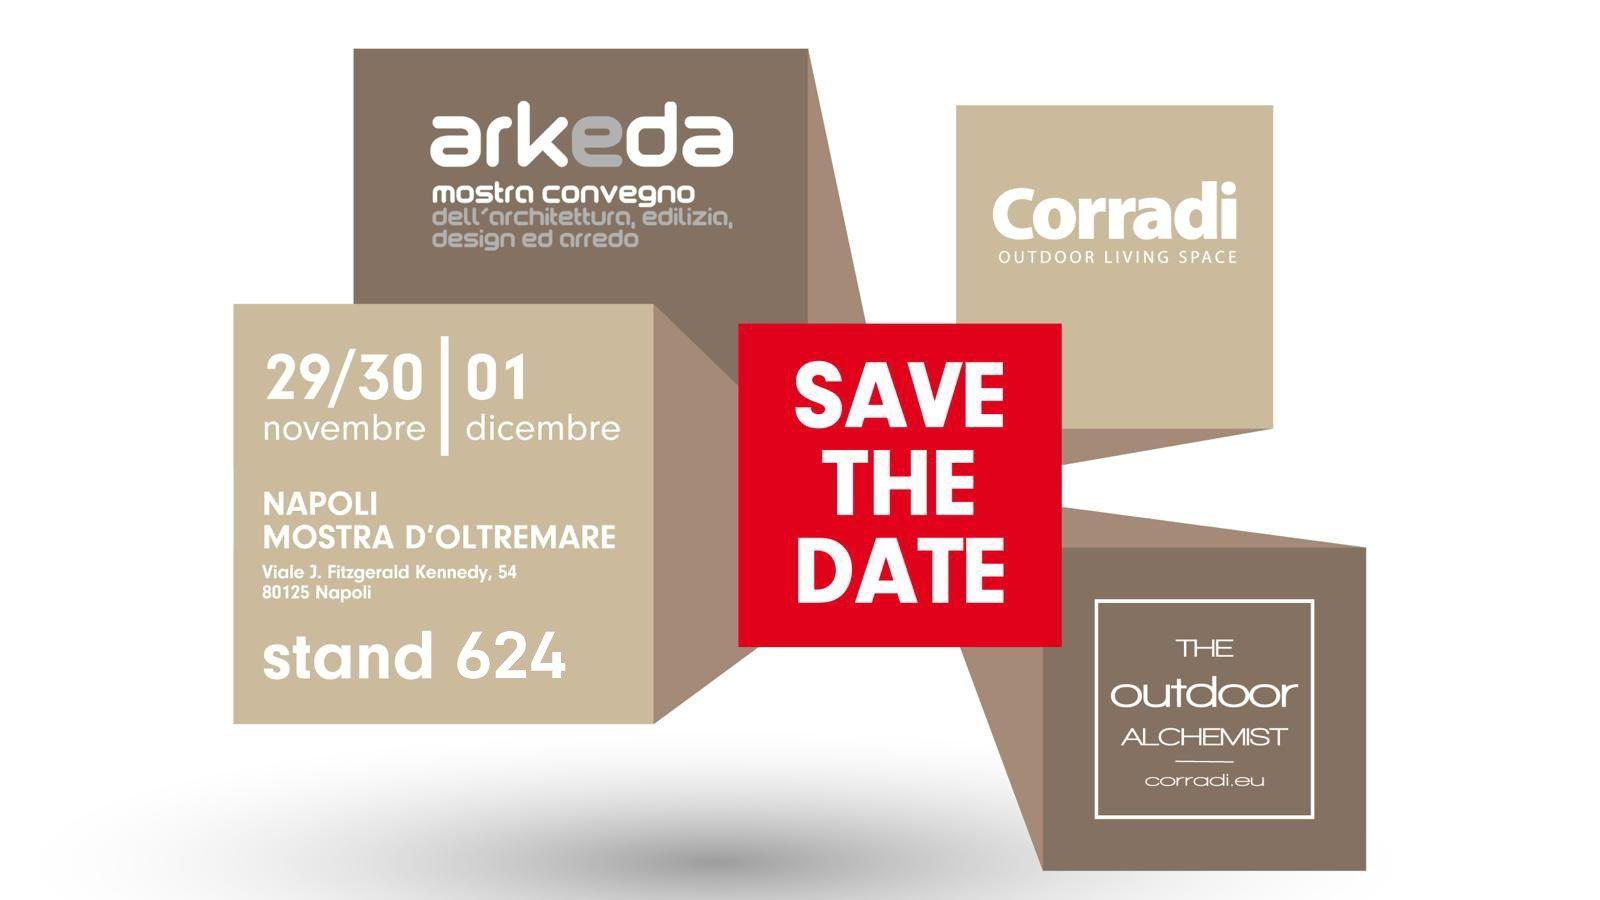 Corradi è ad Arkeda: l'outdoor design protagonista a Napoli